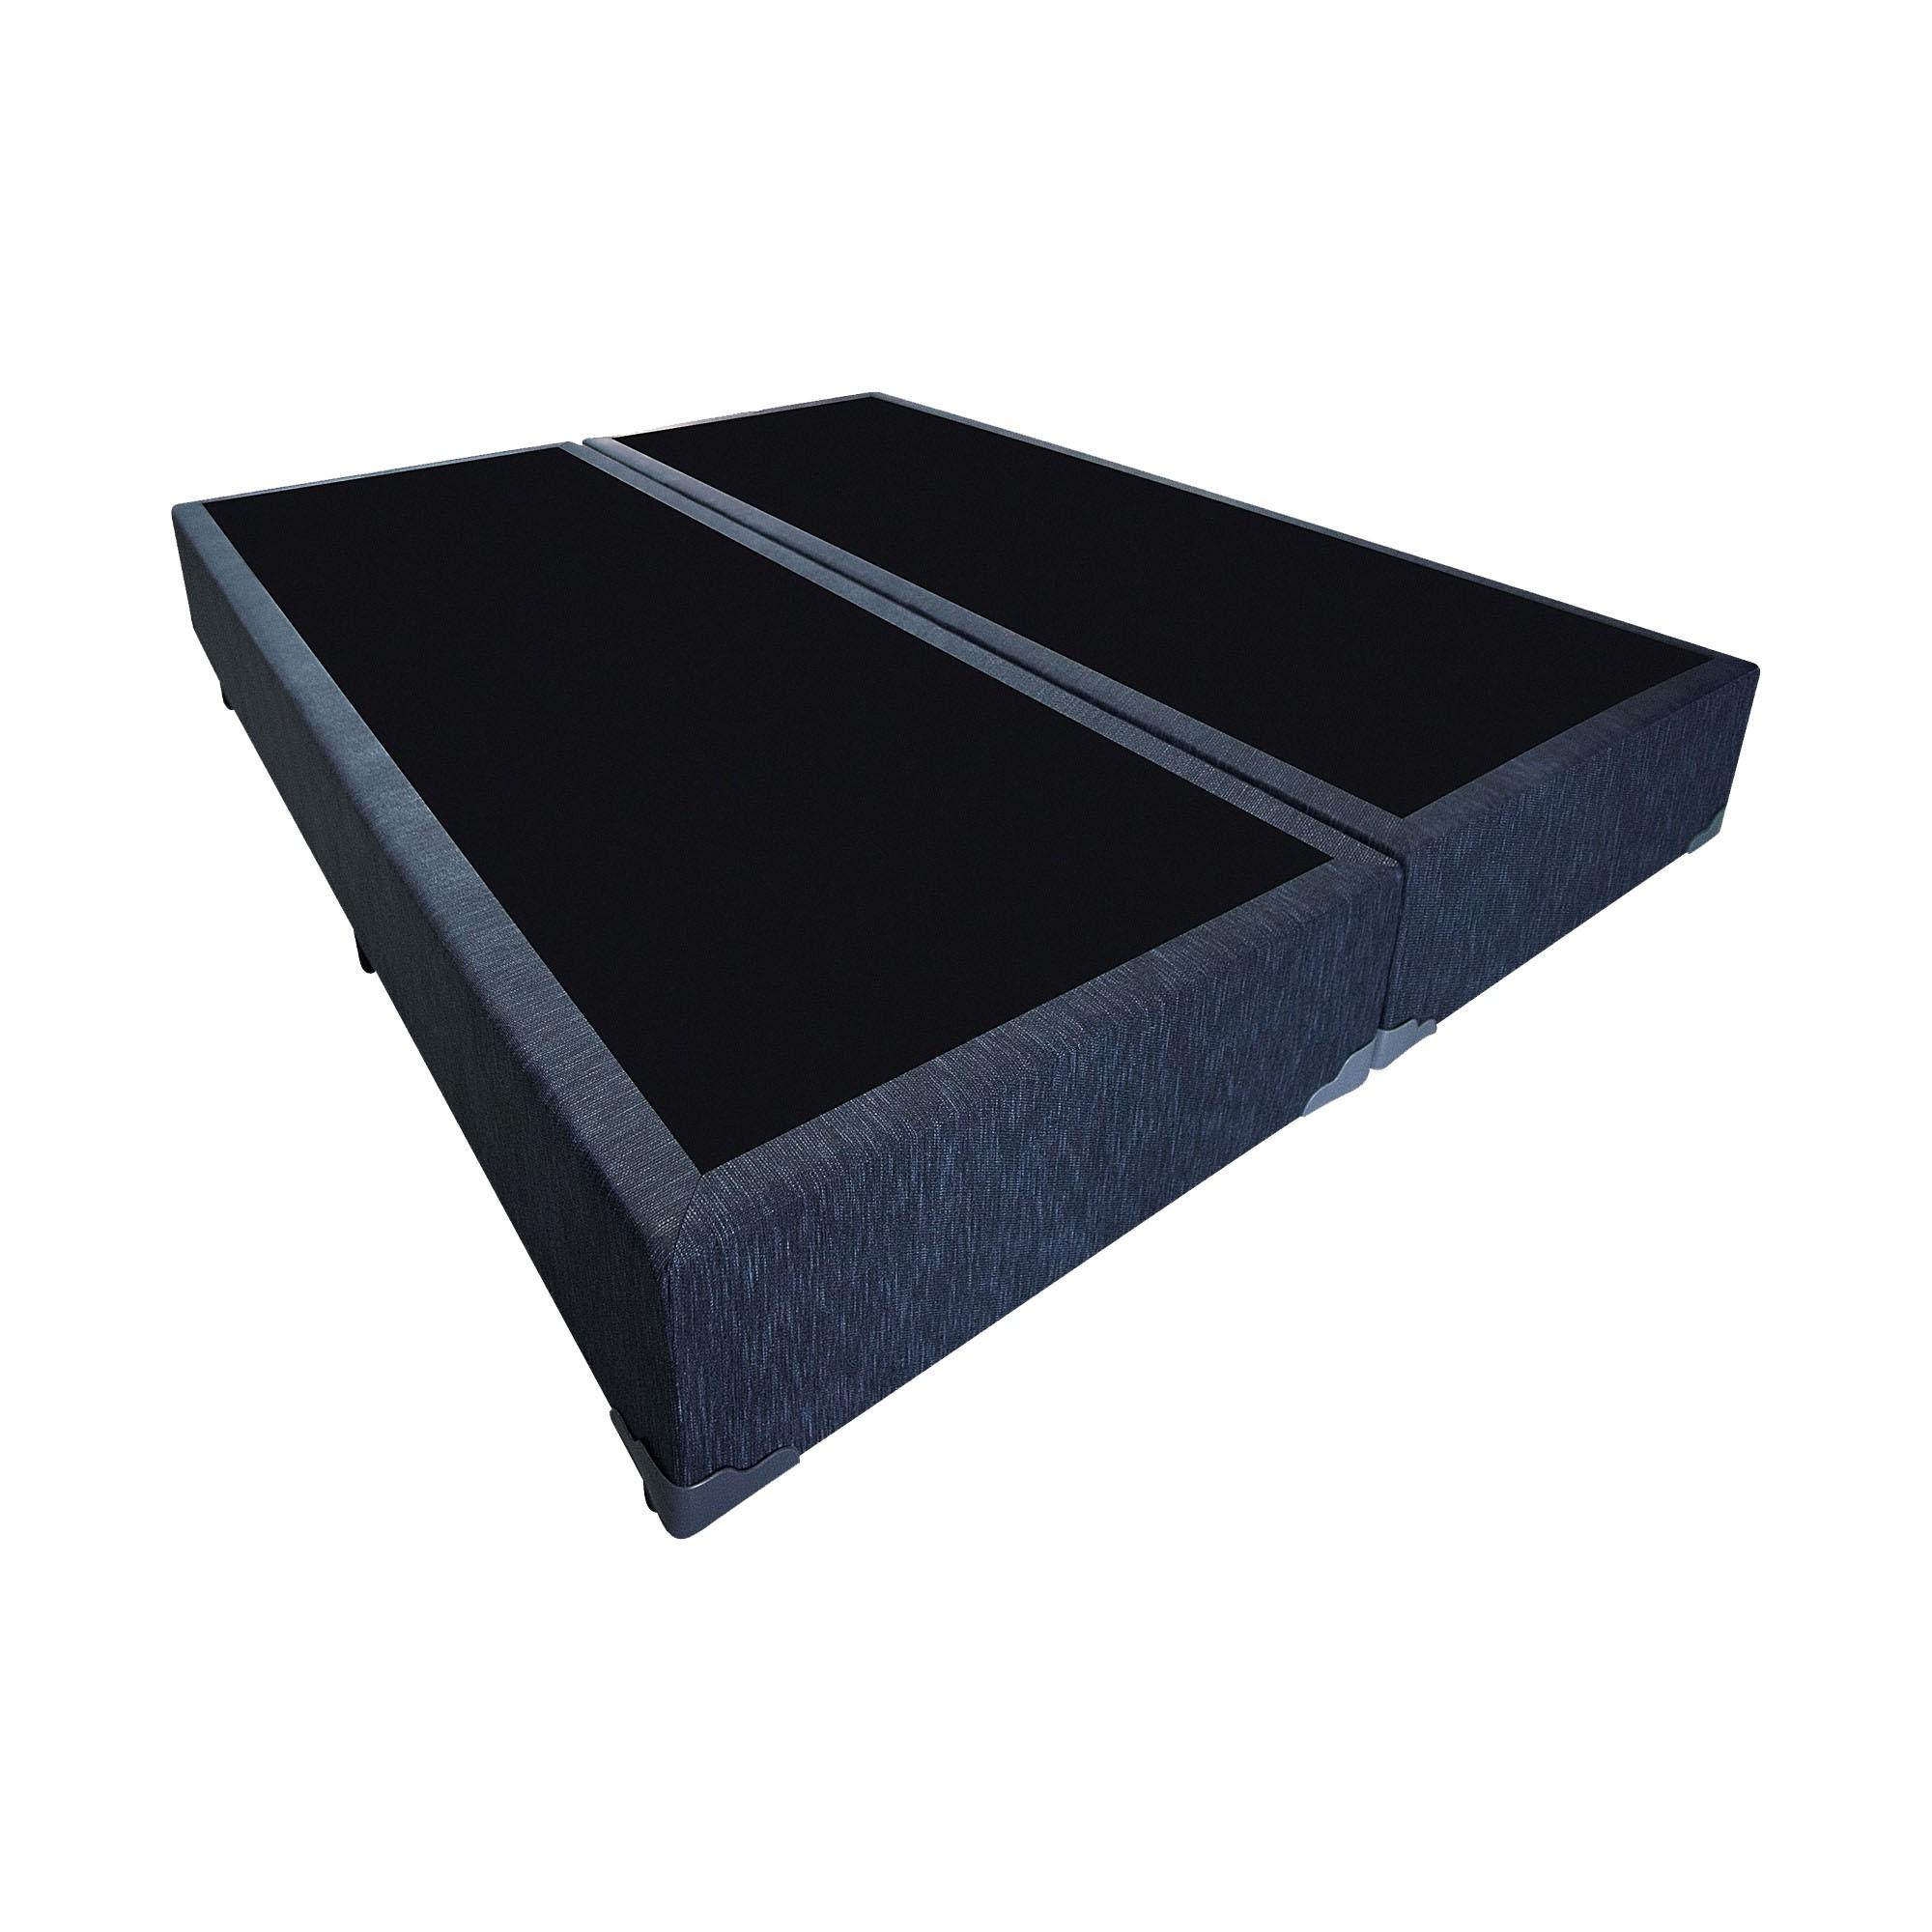 Box Tradicional Linhão Cosmo [King Br 180 x 200 cm]